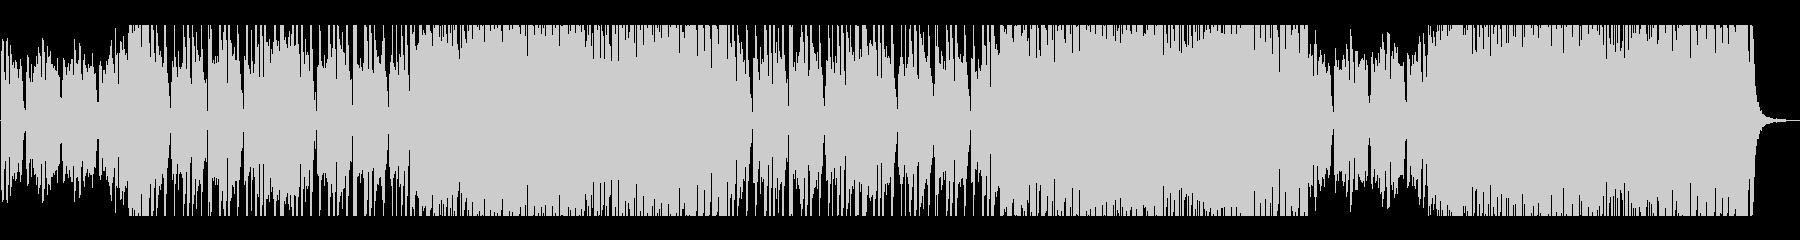 エネルギッシュなロックギターの未再生の波形